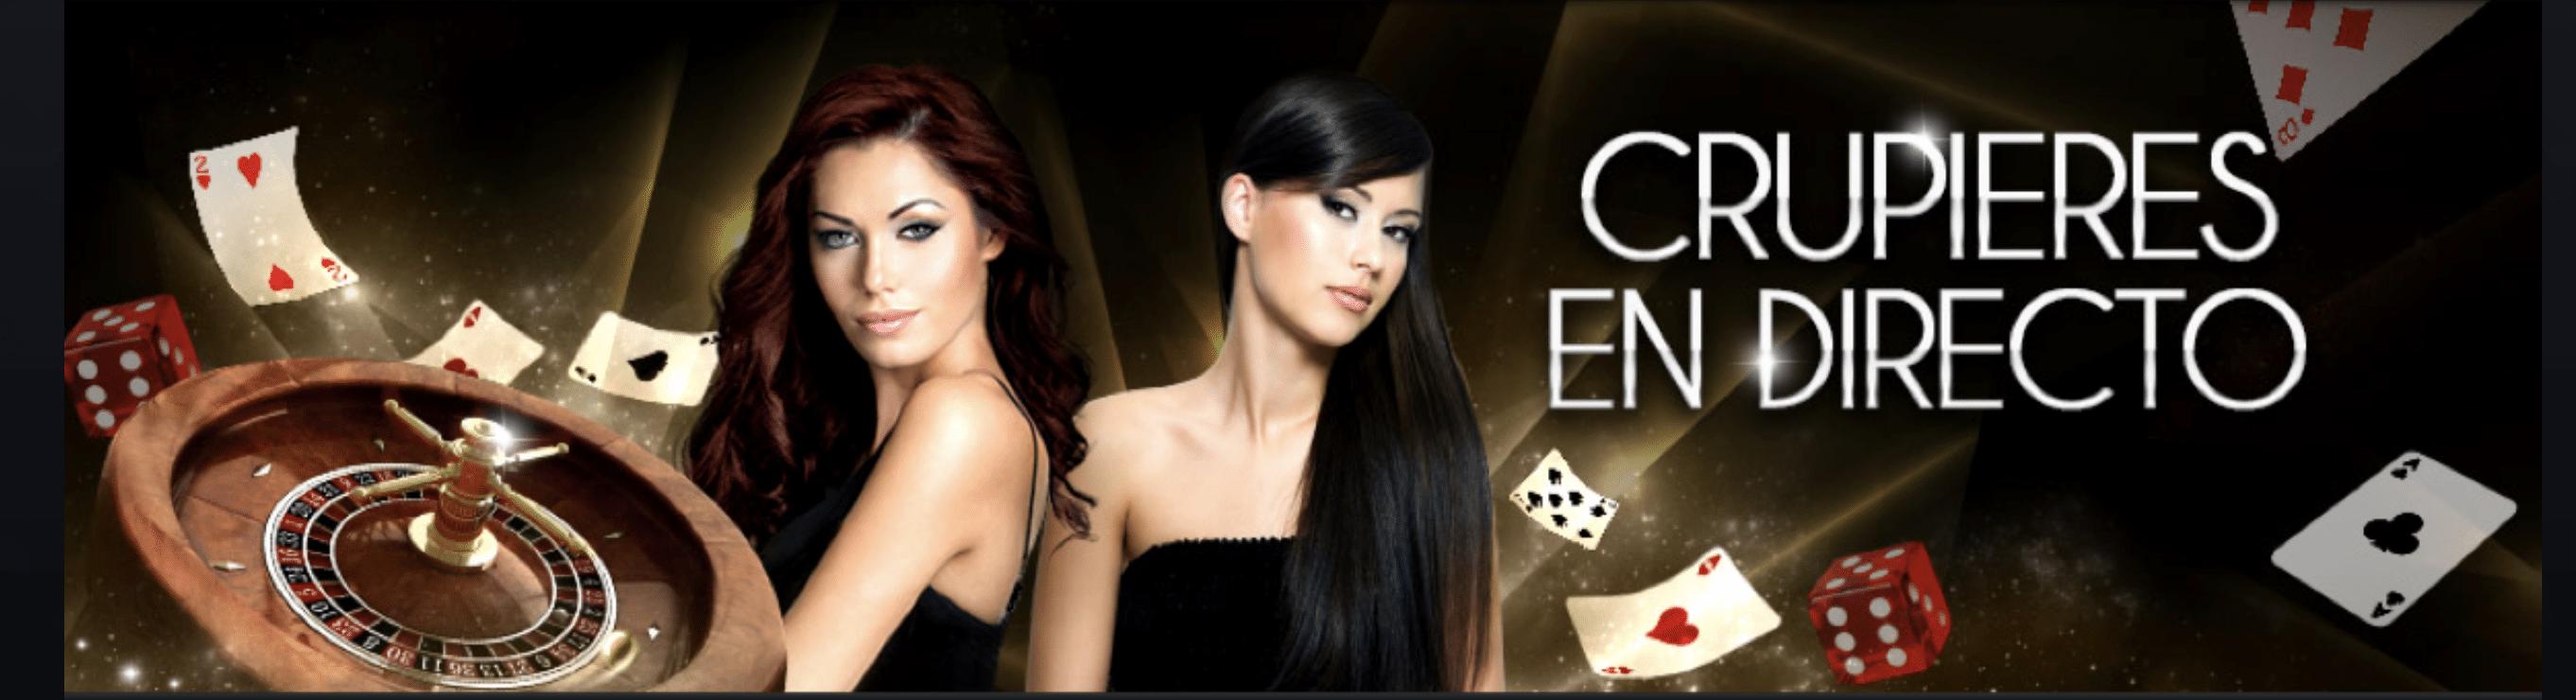 Casinos con ruletas en vivo mejores casas de apuestas Perú 383439